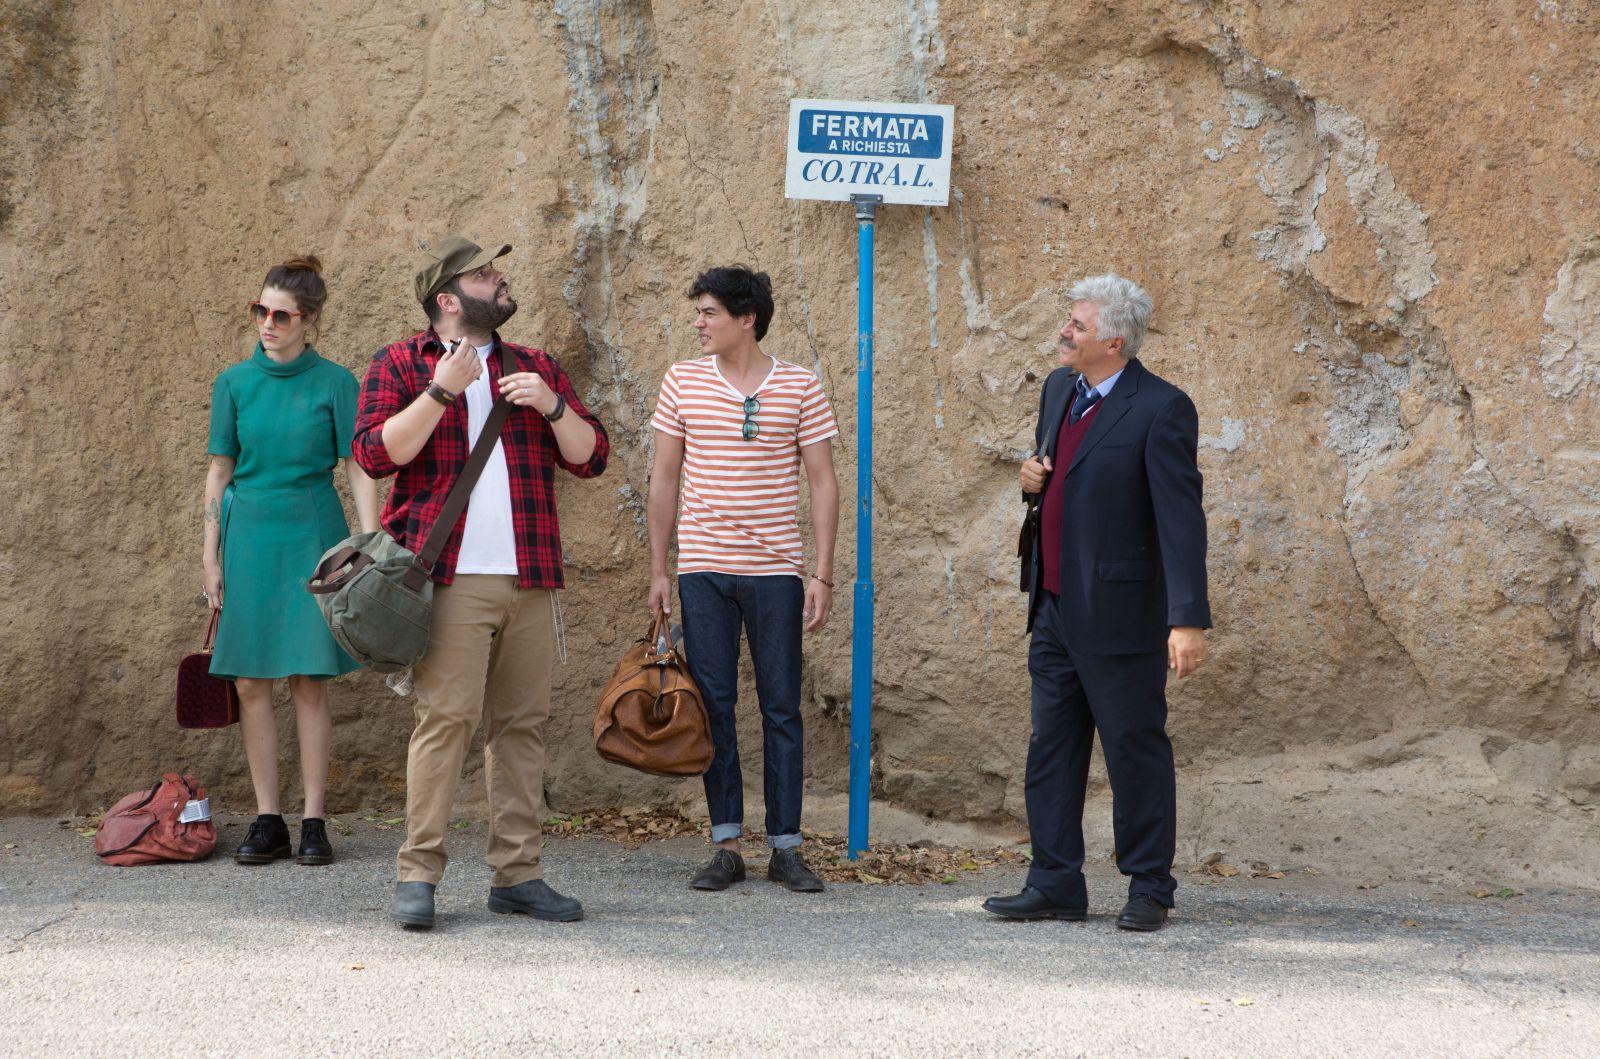 Puoi baciare lo sposo: Diana Del Bufalo, Salvatore Esposito, Cristiano Caccamo, Dino Abbrescia in un momento del film